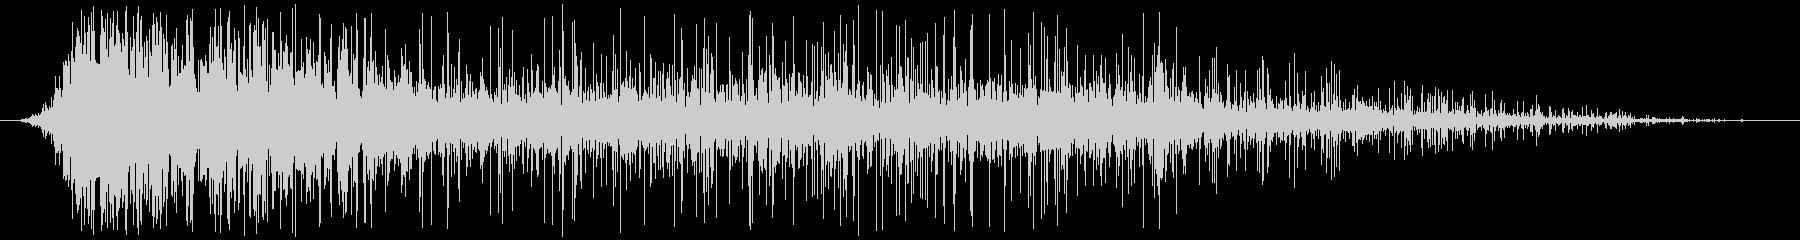 ヘビーファイアバーストとクラックルバーンの未再生の波形